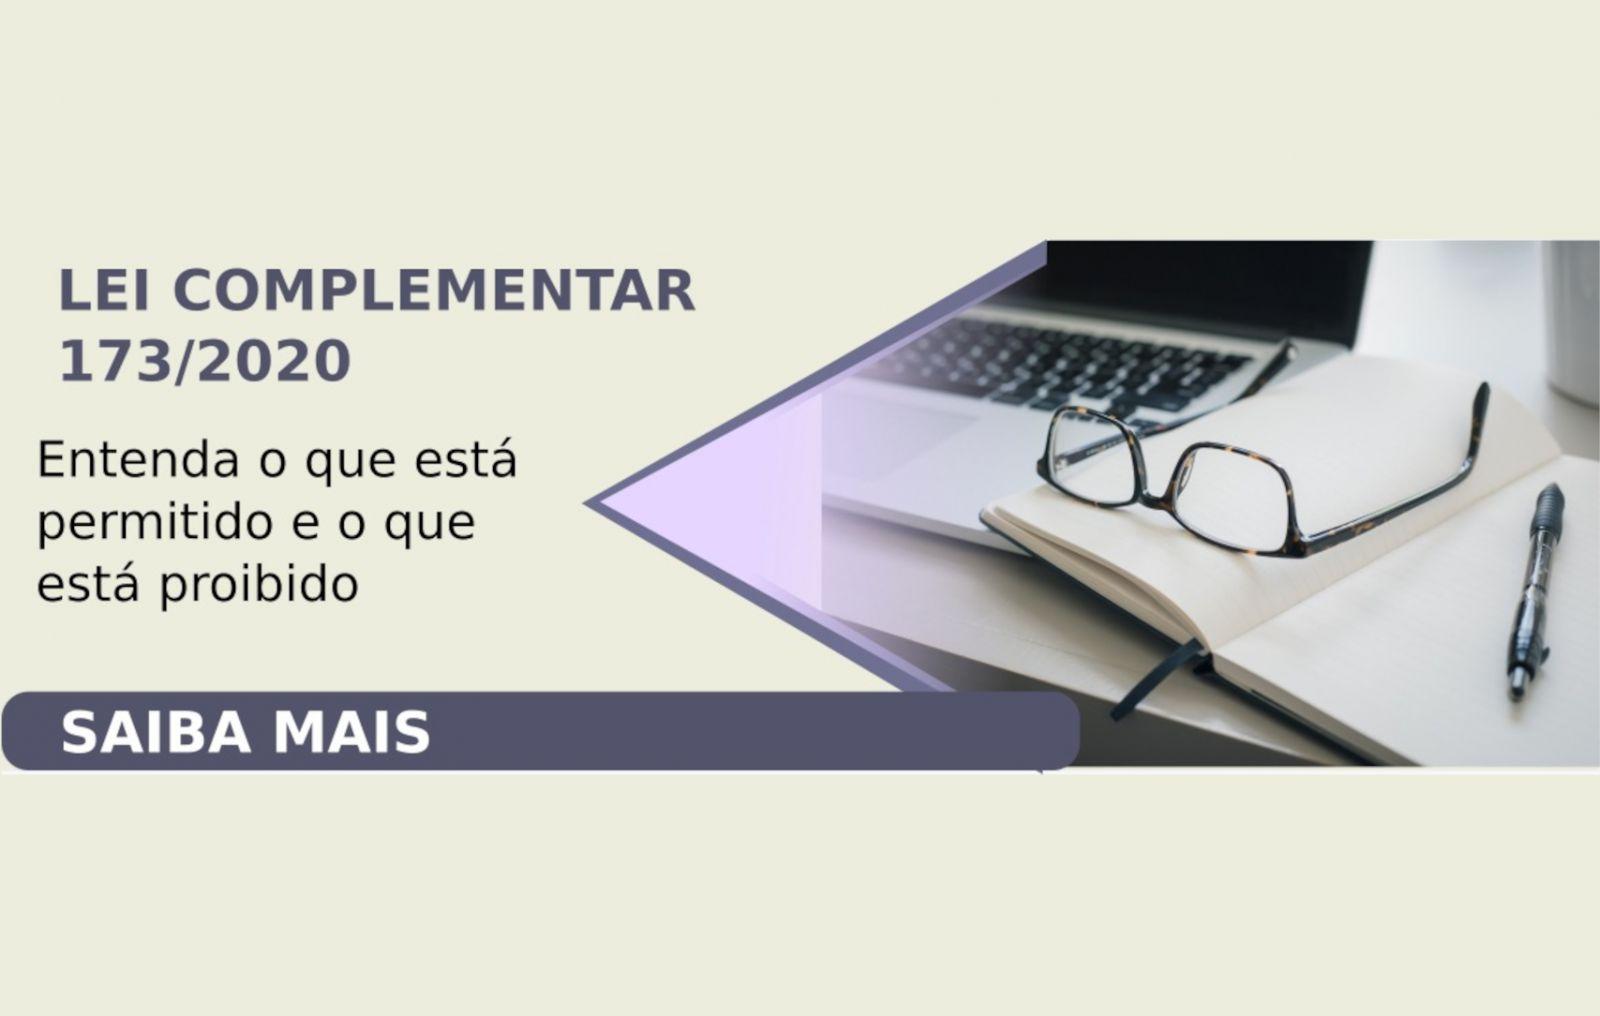 Lei complementar n 173 de 27 de maio de 2020